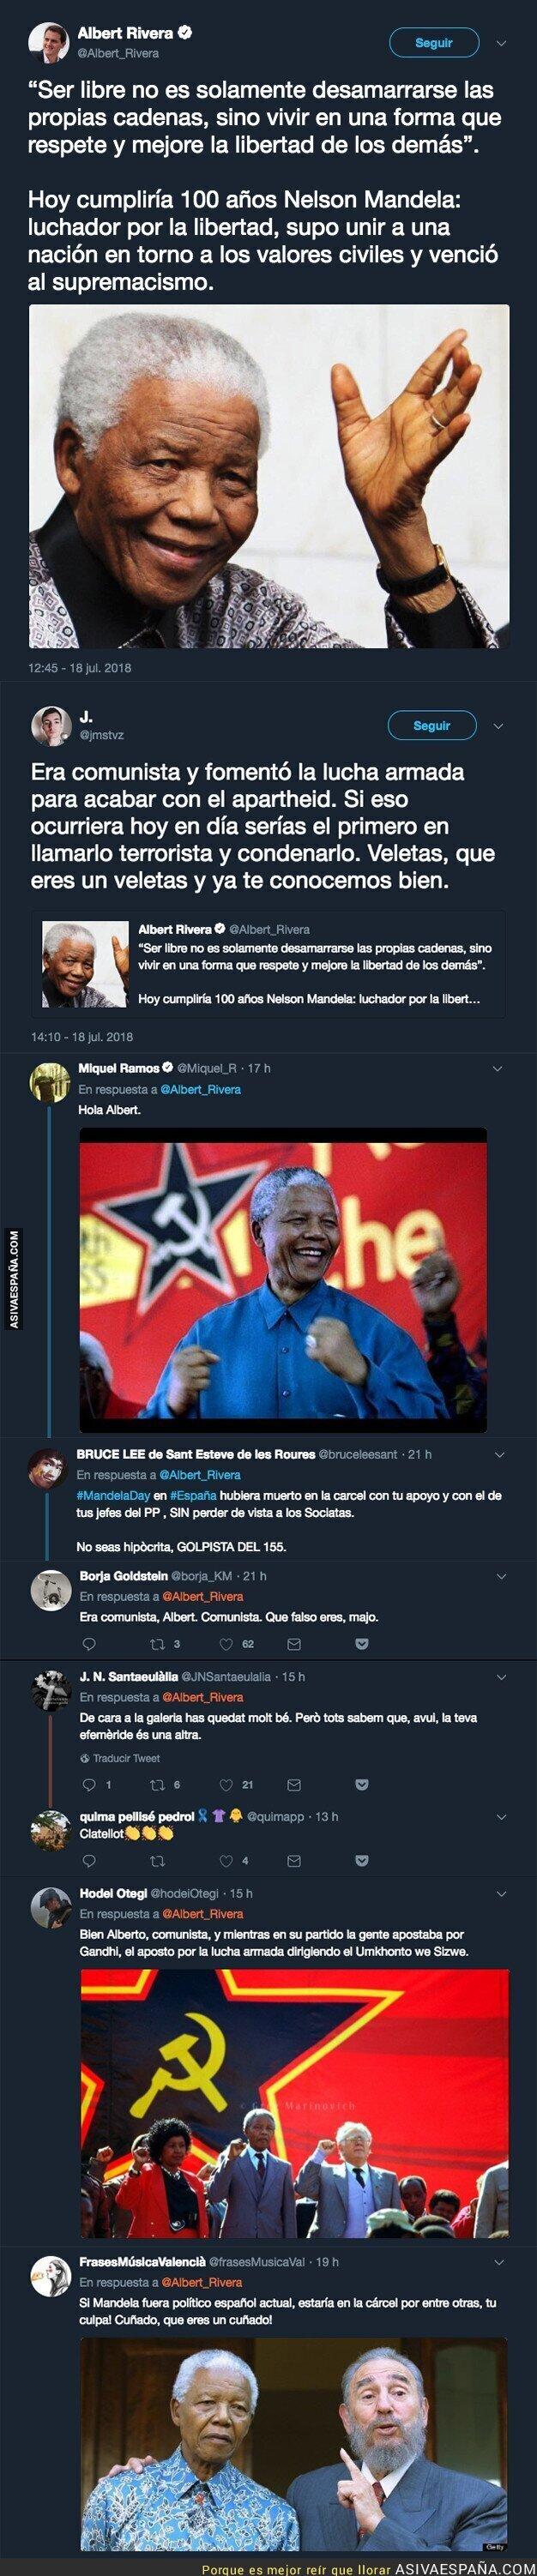 89824 - Albert Rivera se acuerda de Nelson Mandela en su 100 aniversario y recibe h*stias por todas partes